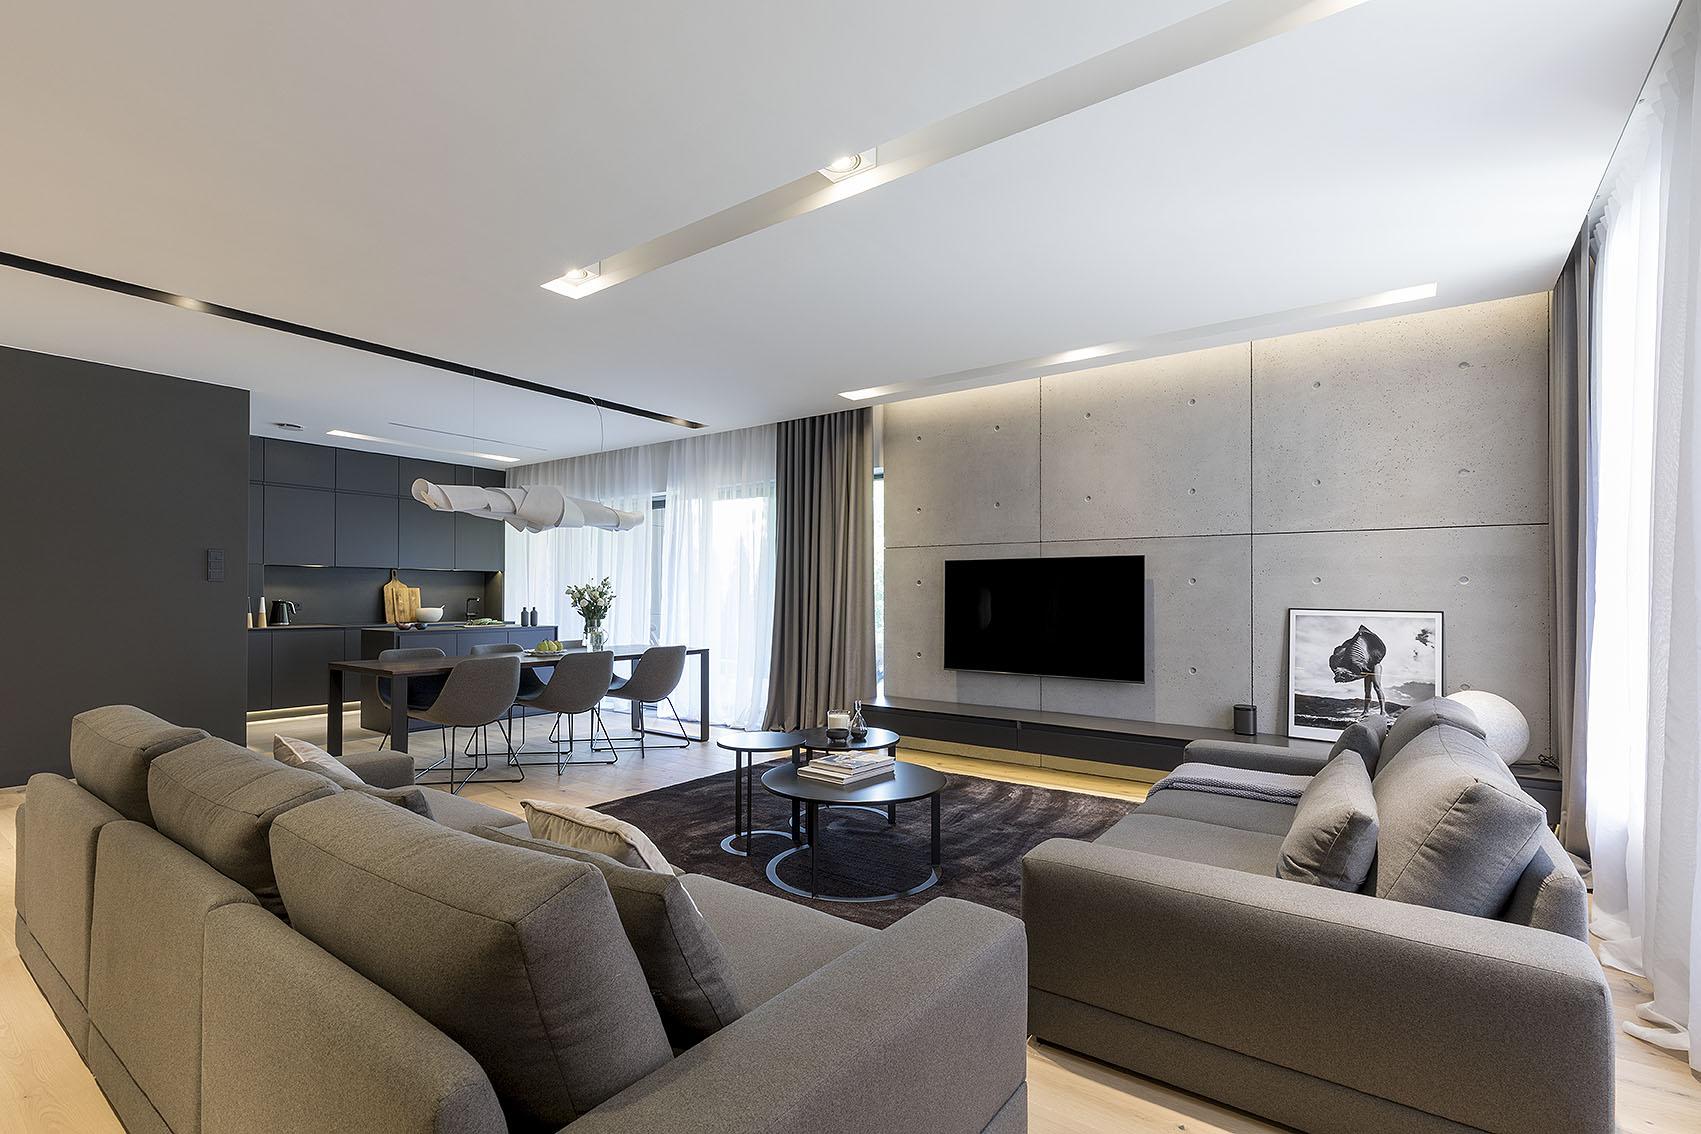 Widok na salon w którym na ścianie wiszą płyty z betonu architektonicznego. Telewizor wisi nad szafką RTV. Duże szare miękkie sofy po środku których stoją stoliki kawowe na dywanie. Widok na kuchnię i jadalnię.